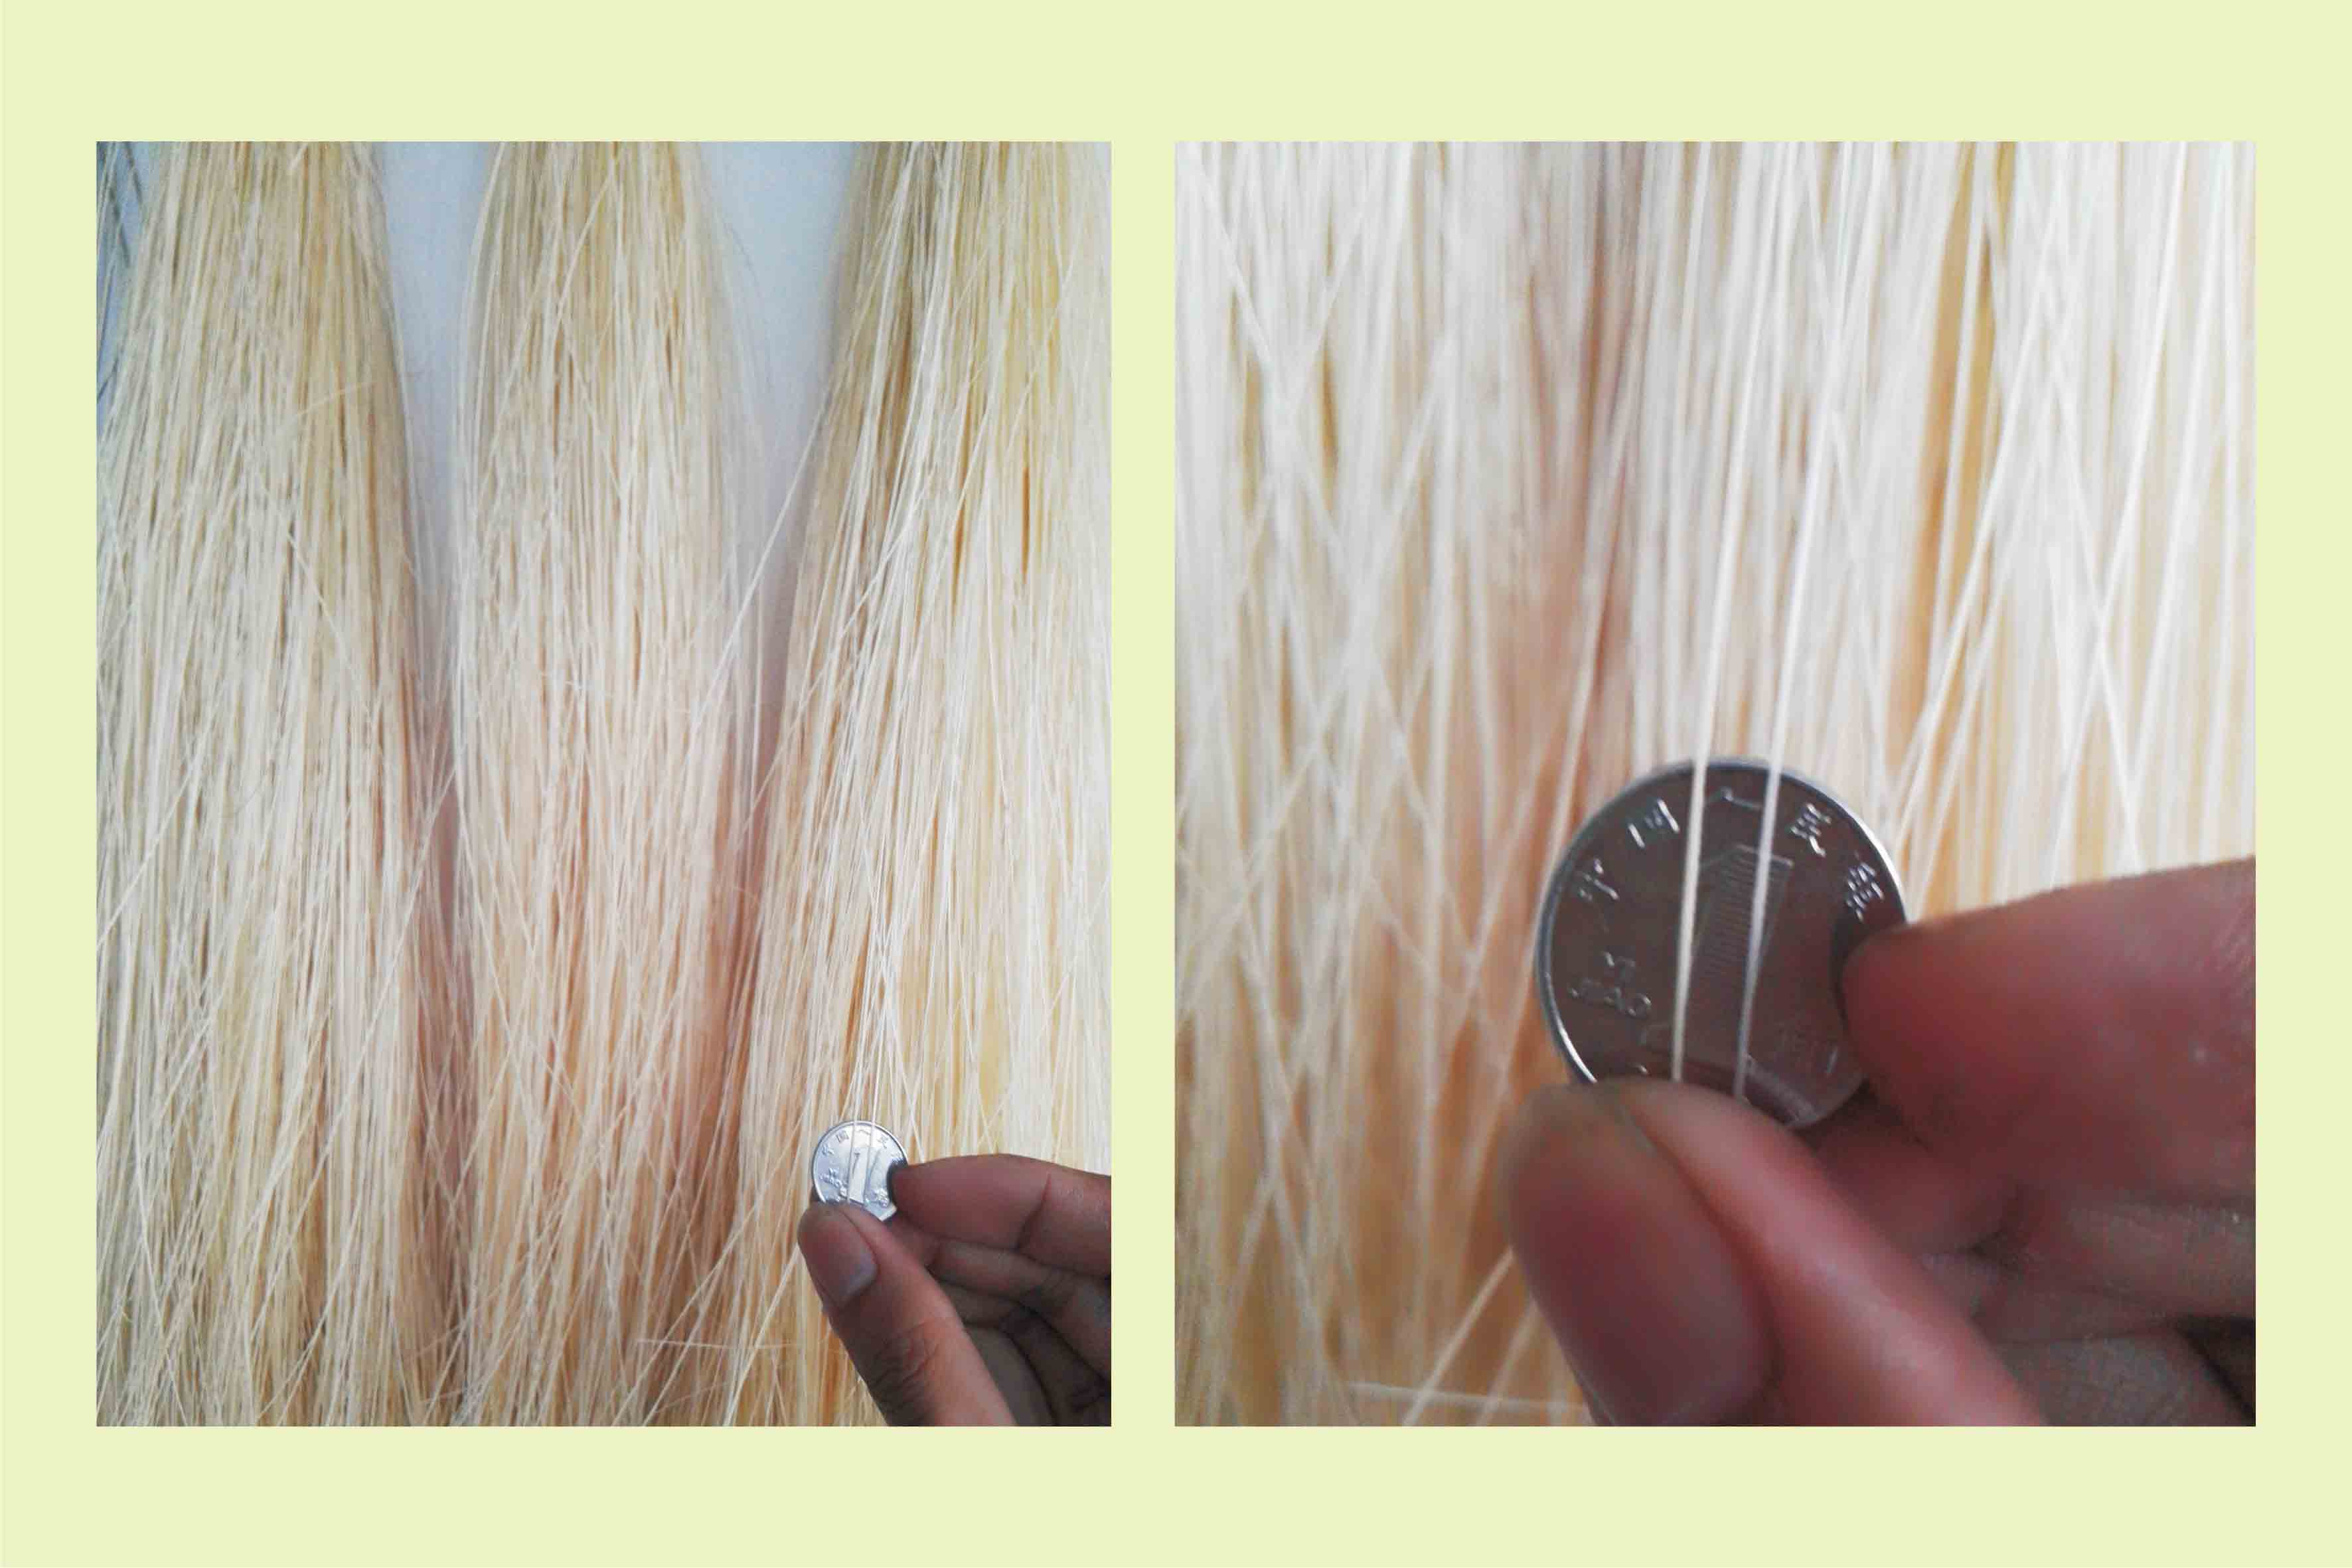 厂家批发直销优质天然原材料 竹丝竹片 柔韧性好竹制品加工定制